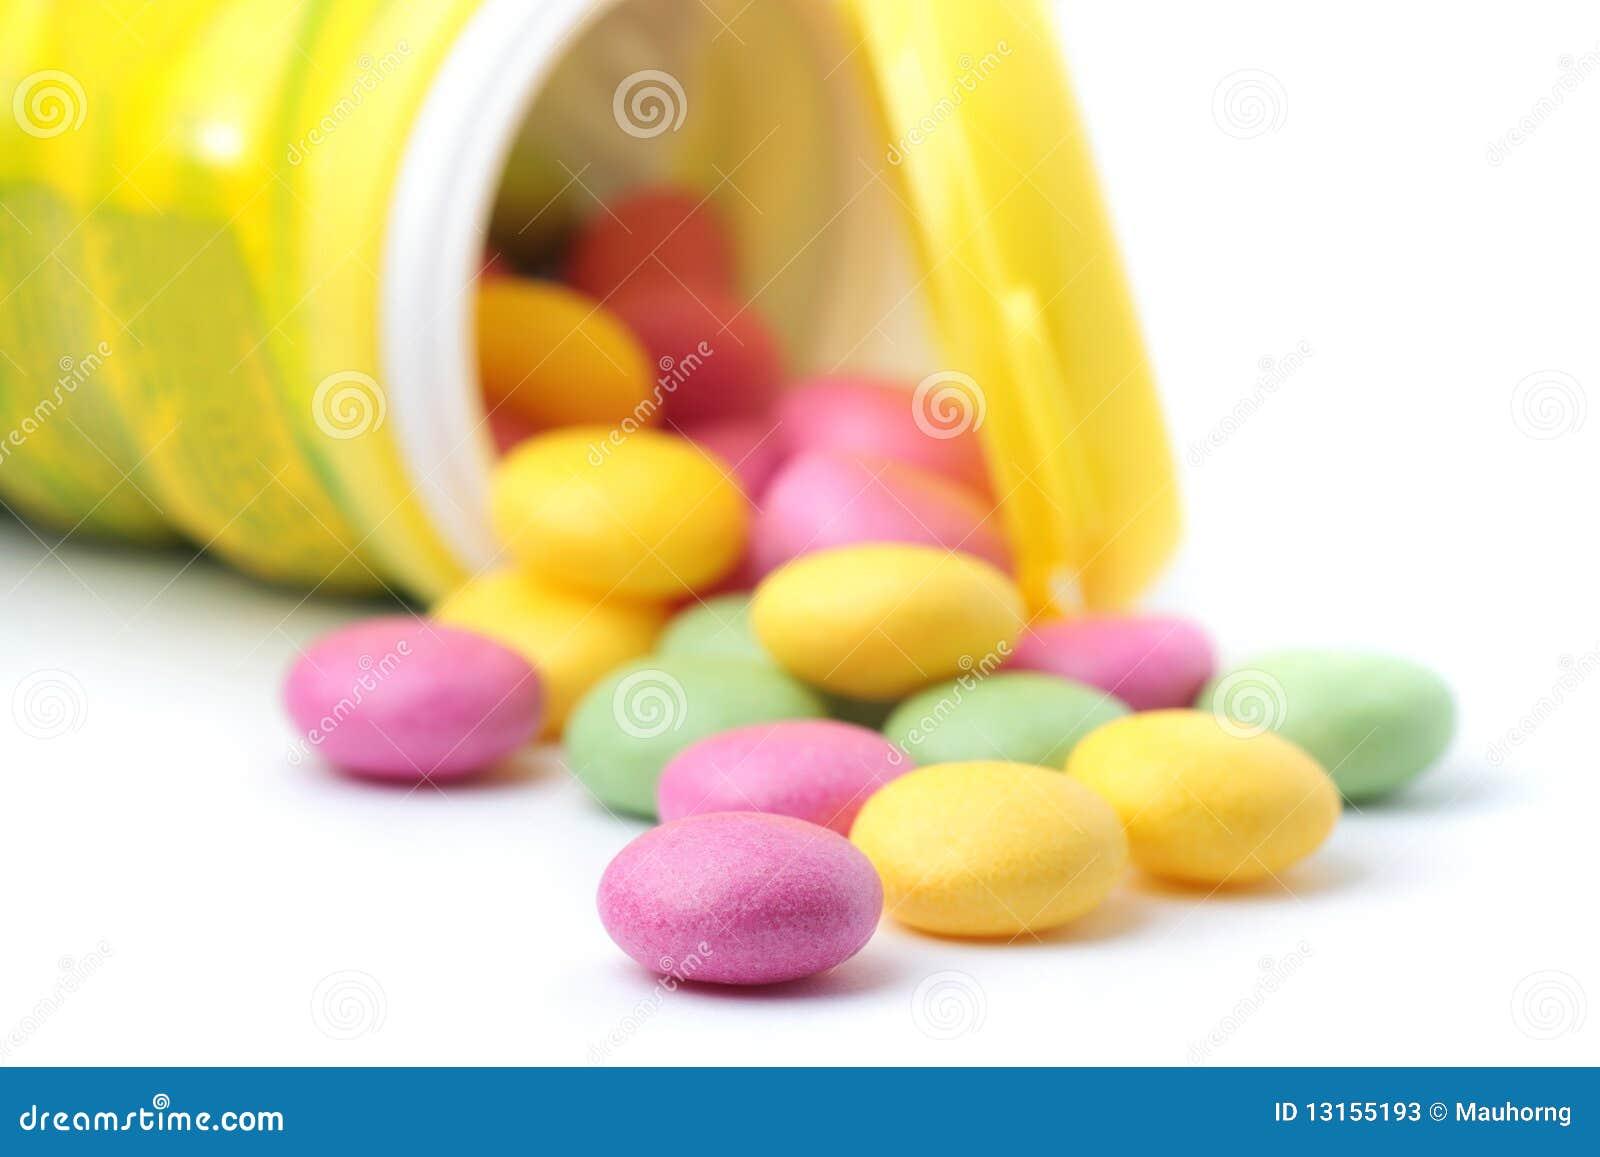 耐嚼的五颜六色的糖衣杏仁